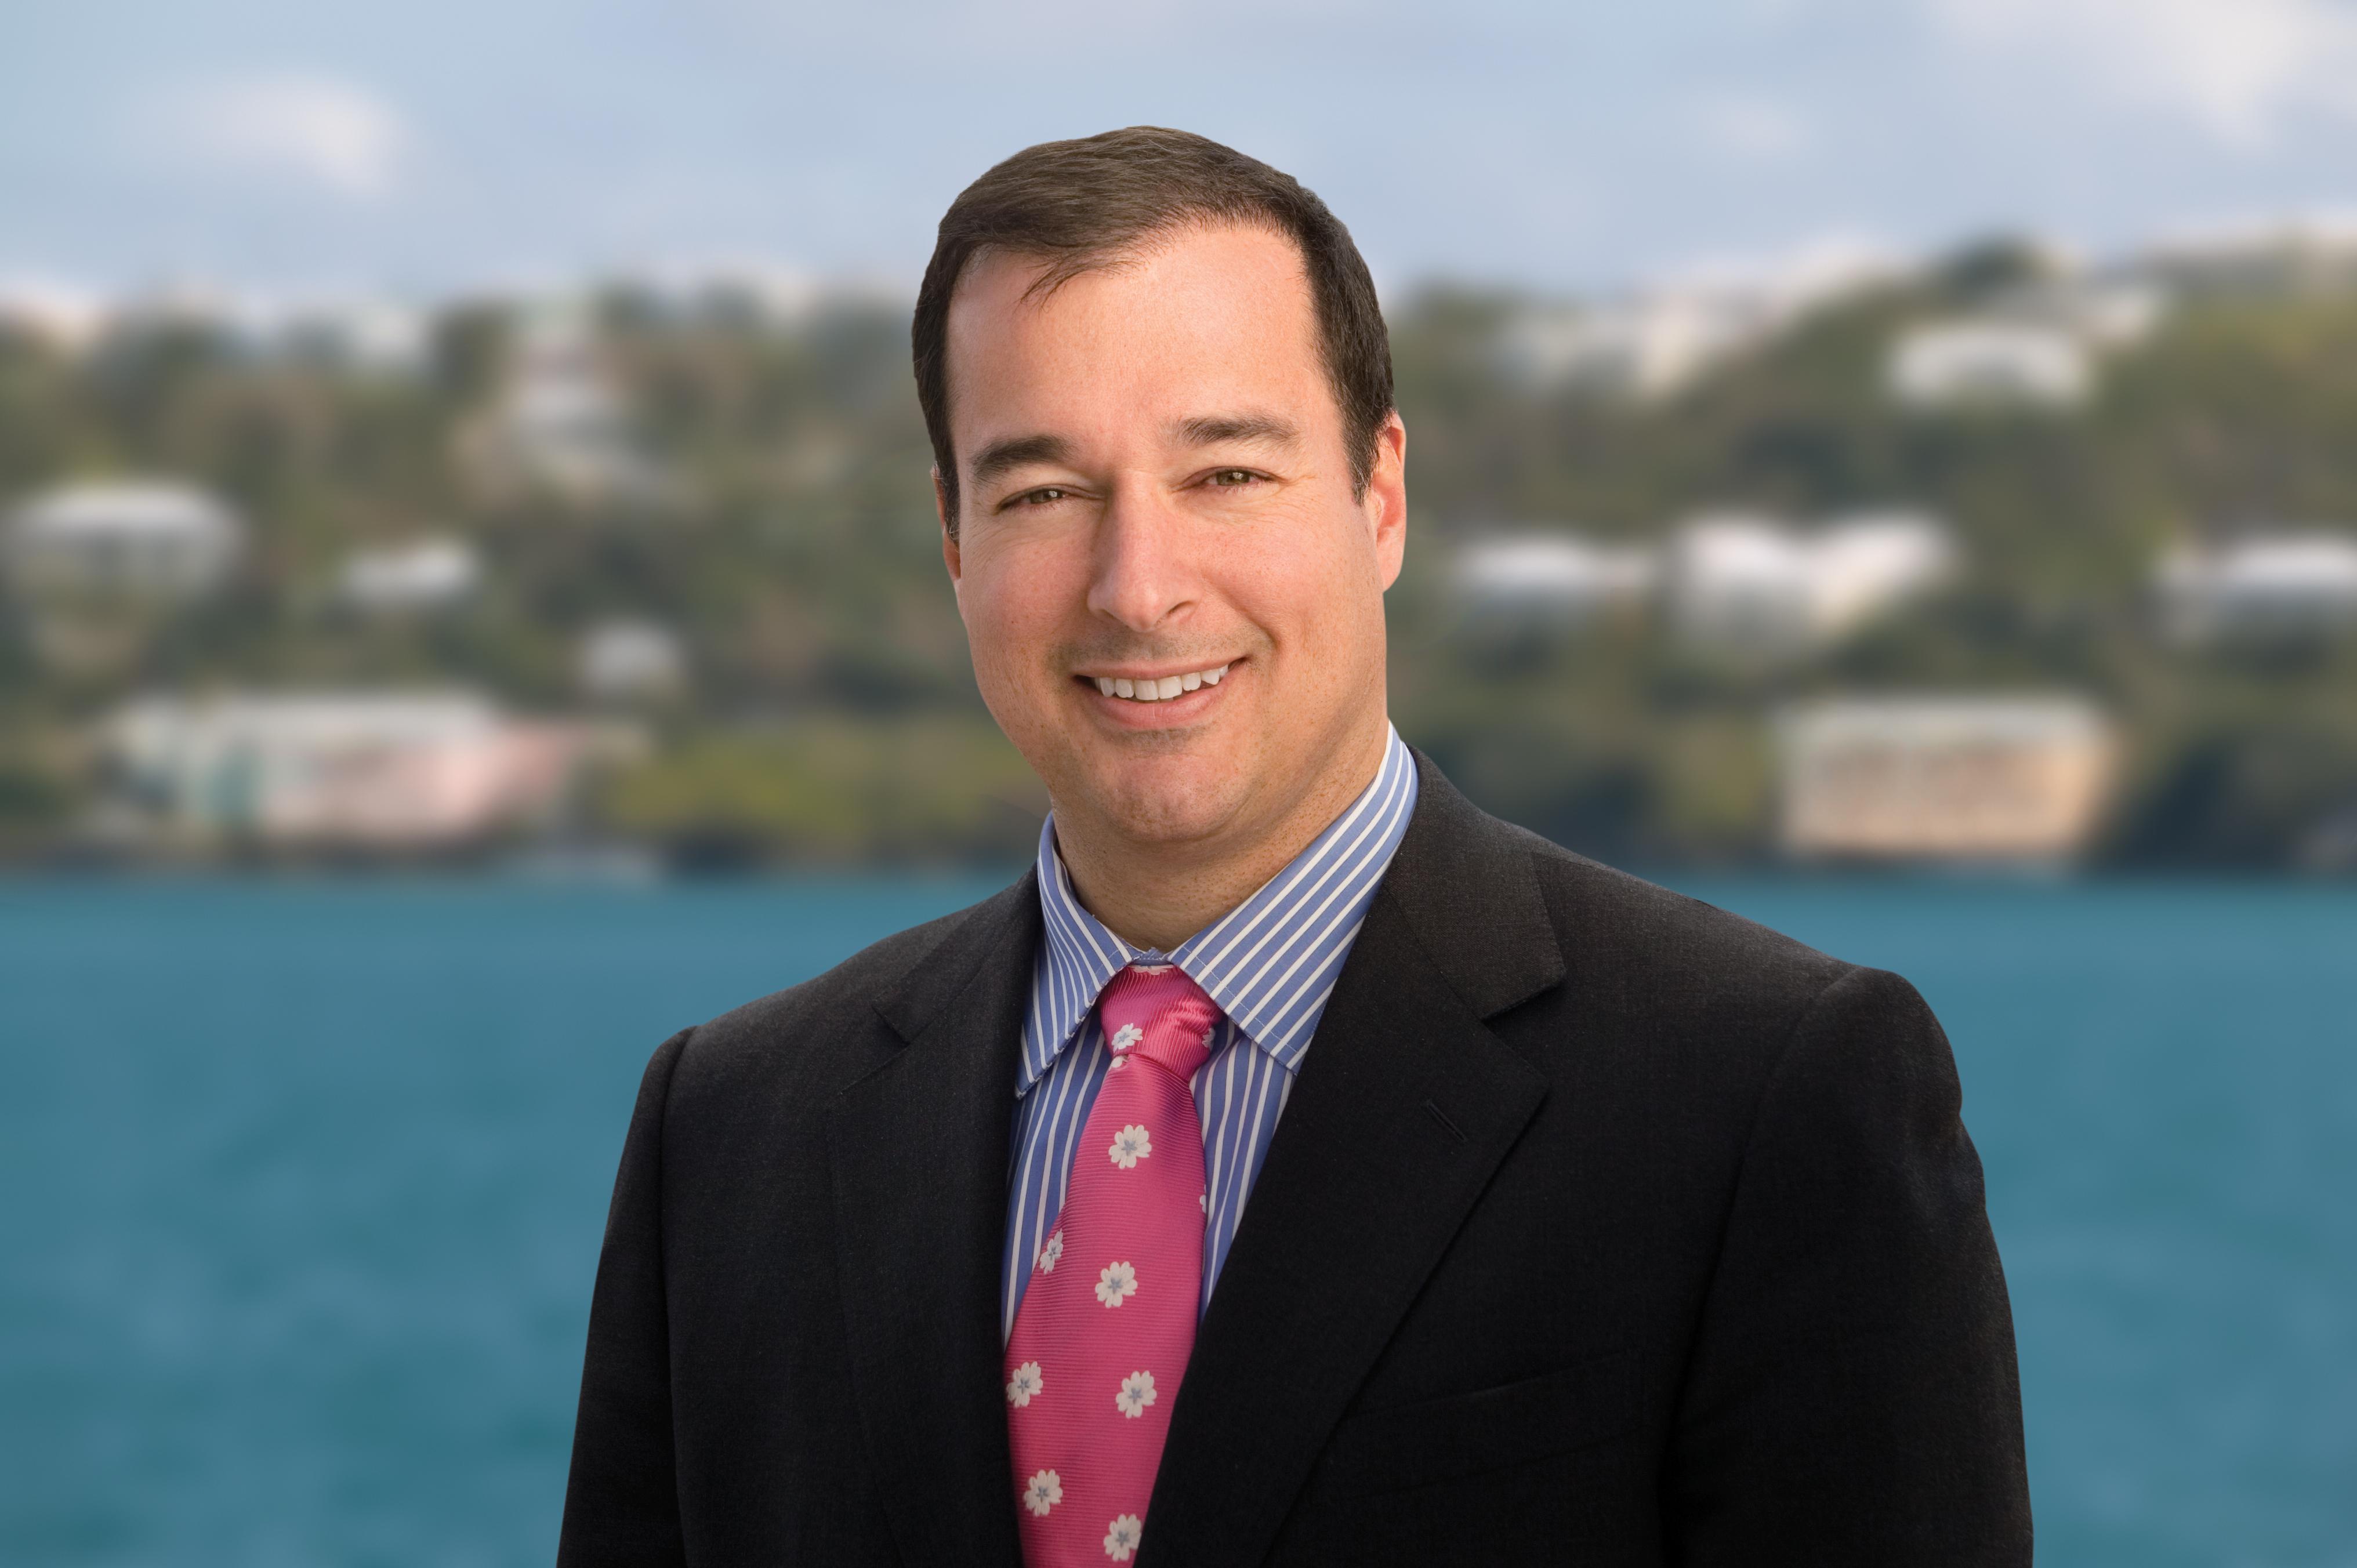 Il Presidente del Consiglio di amministrazione di Bacardi Limited Facundo L. Bacardi (foto: Business Wire)